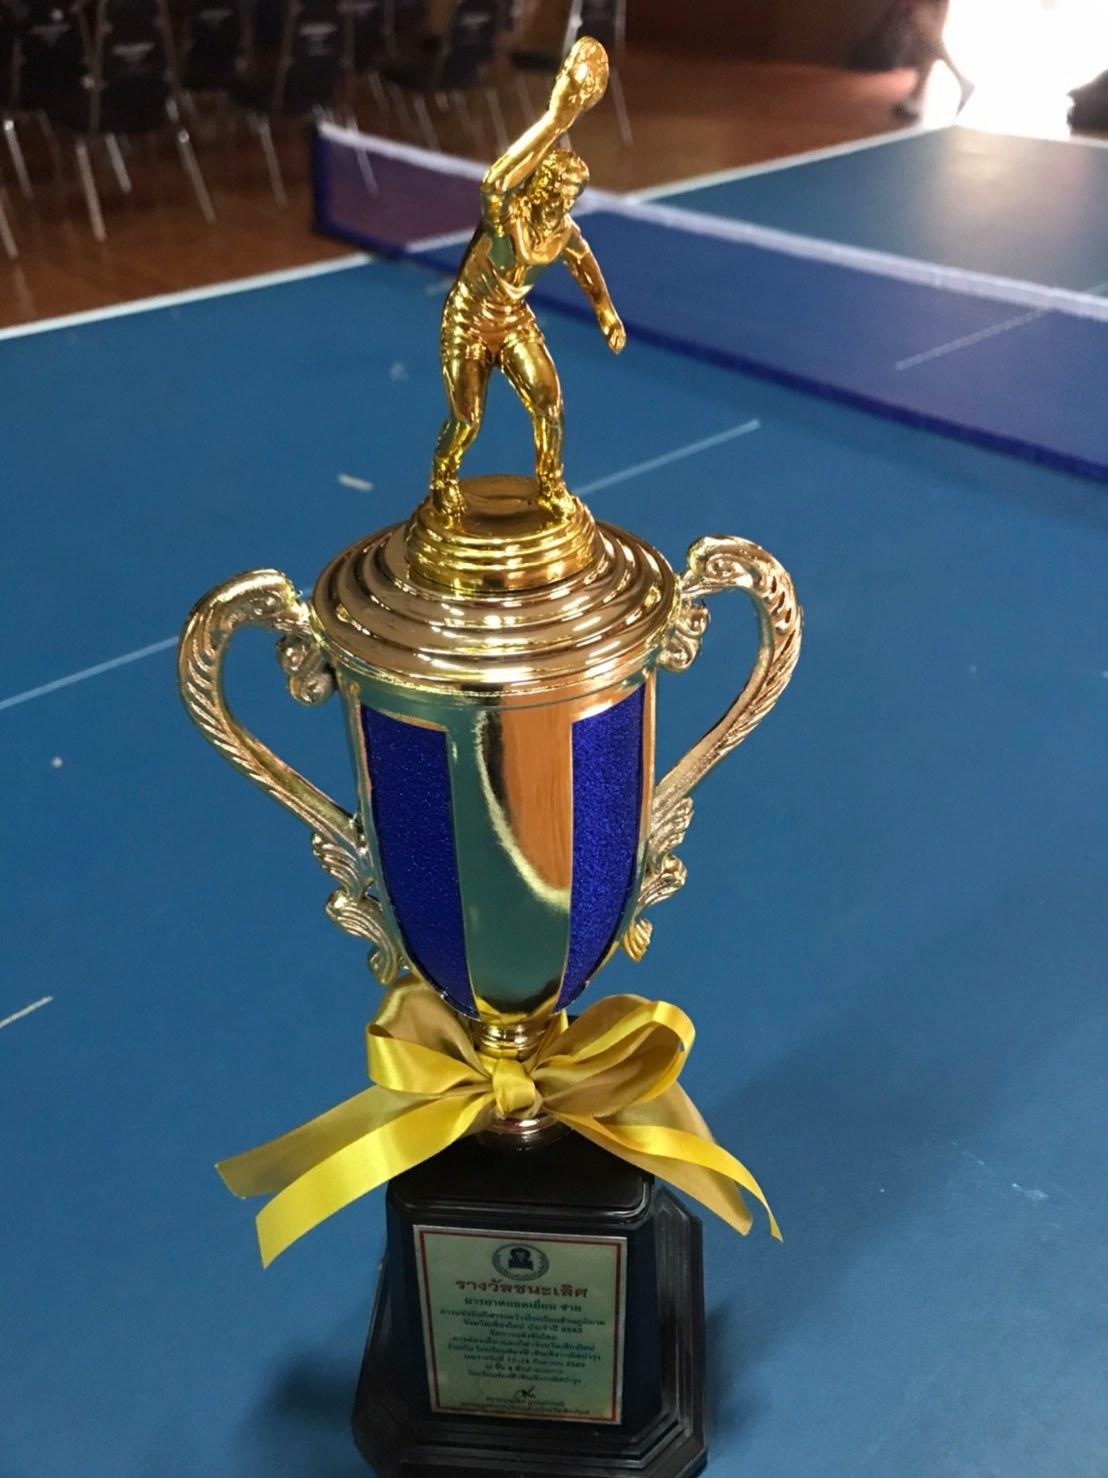 ขอแสดงความยินดีกับนักกีฬาเทเบิลเทนทิส รุ่นอายุไม่เกิน 14 ปี ชาย ได้รับรางวัลชนะเลิศมารยาทยอดเยี่ยมชาย ในการแข่งขันกีฬาระหว่างโรงเรียนส่วนภูมิภาคจังหวัดเชียงใหม่ ประจำปี 2563 1.เด็กชายอนุชา ไชยวุฒิ  2.เด็กชายณัชพงศ์  มิ่งสูงเนิน 3.เด็กชายพงศ์พิสุทธิ์  ปราชญ์เลิศ 4.เด็กชายมัชบัณฑิต พยายาม 5.เด็กชายสมชาย  ลุงเเสง  ฝึกซ้อมและดูแลการแข่งขันโดยคุณครูจำเริญ สุดาจันทร์ และคุณครูวรินดา ทะยศ